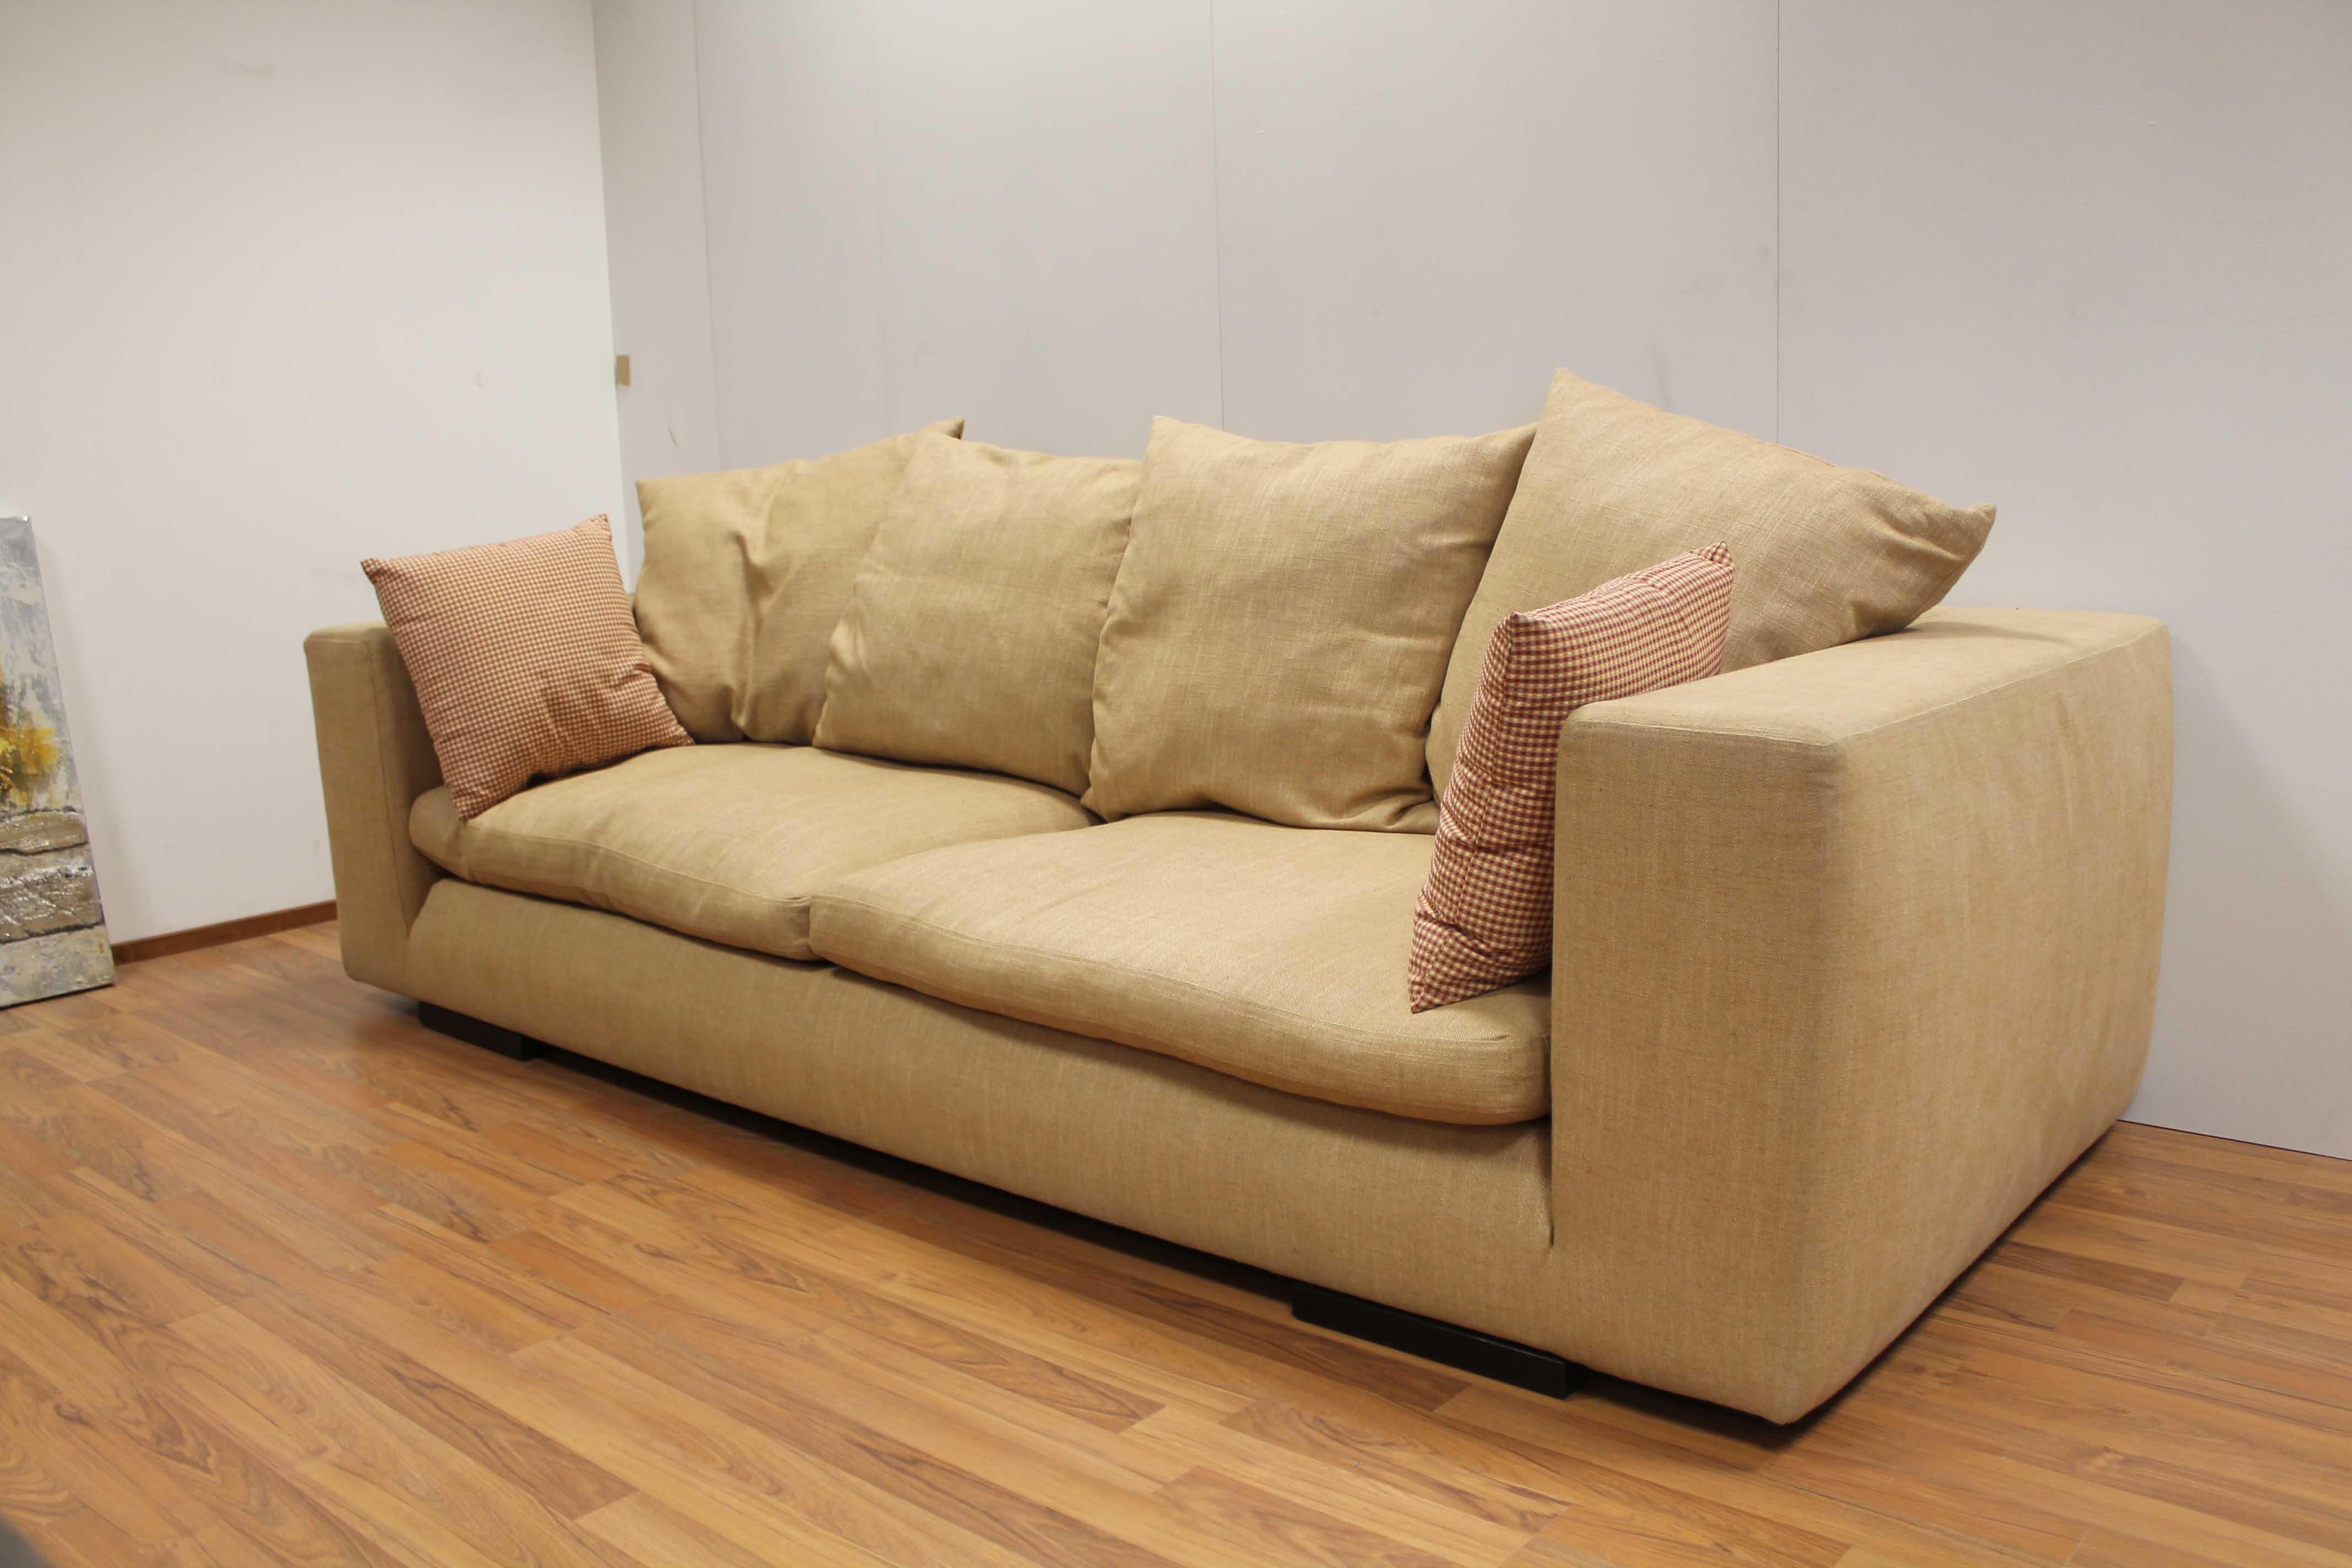 Desir e divano norton scontato del 54 divani a prezzi for Divano desiree